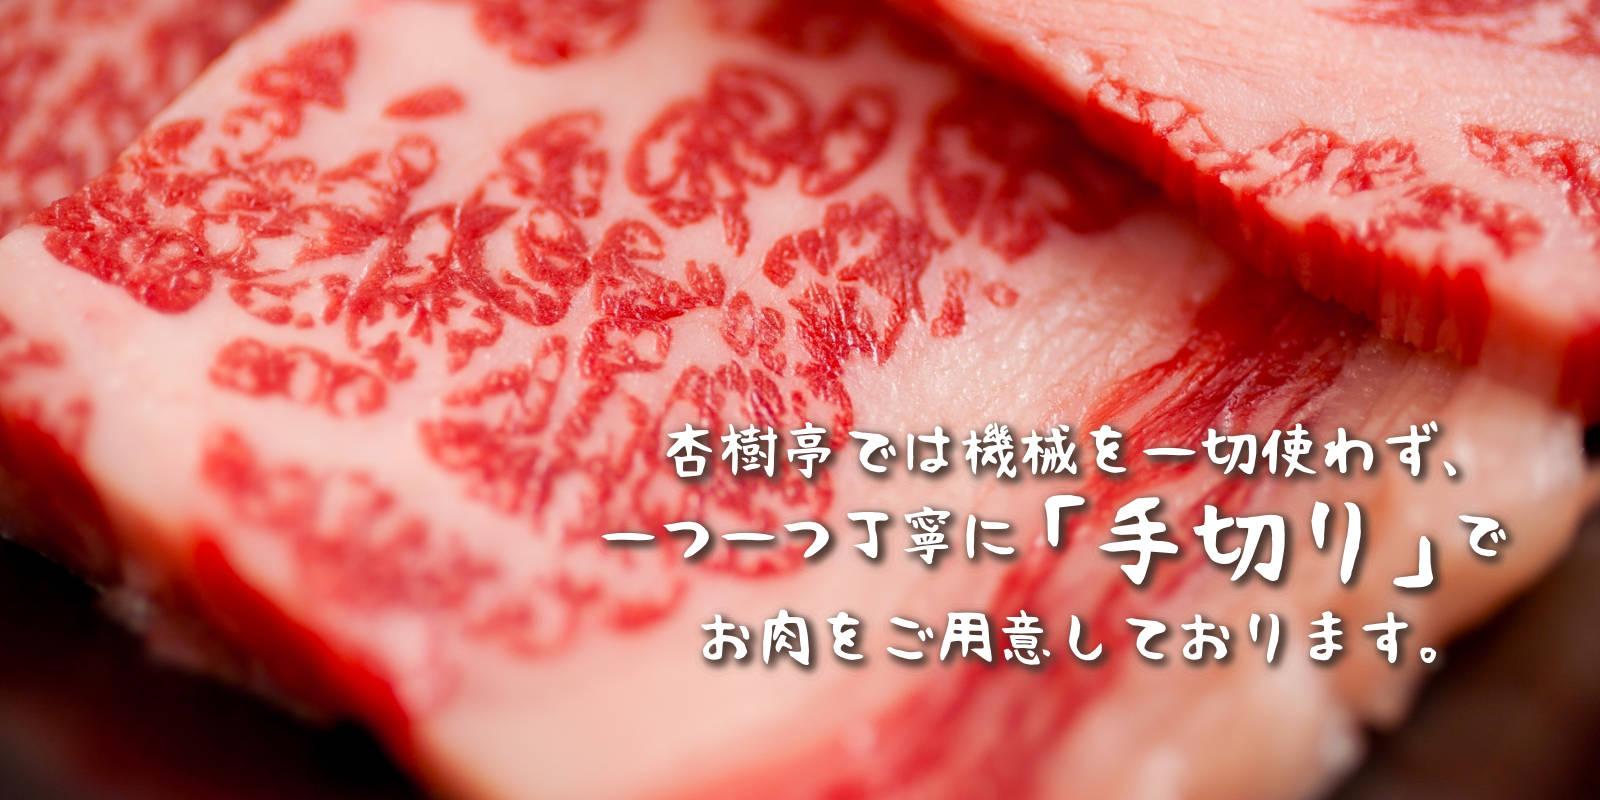 杏樹亭は機械を一切使わず生肉を手切りでご用意イメージ